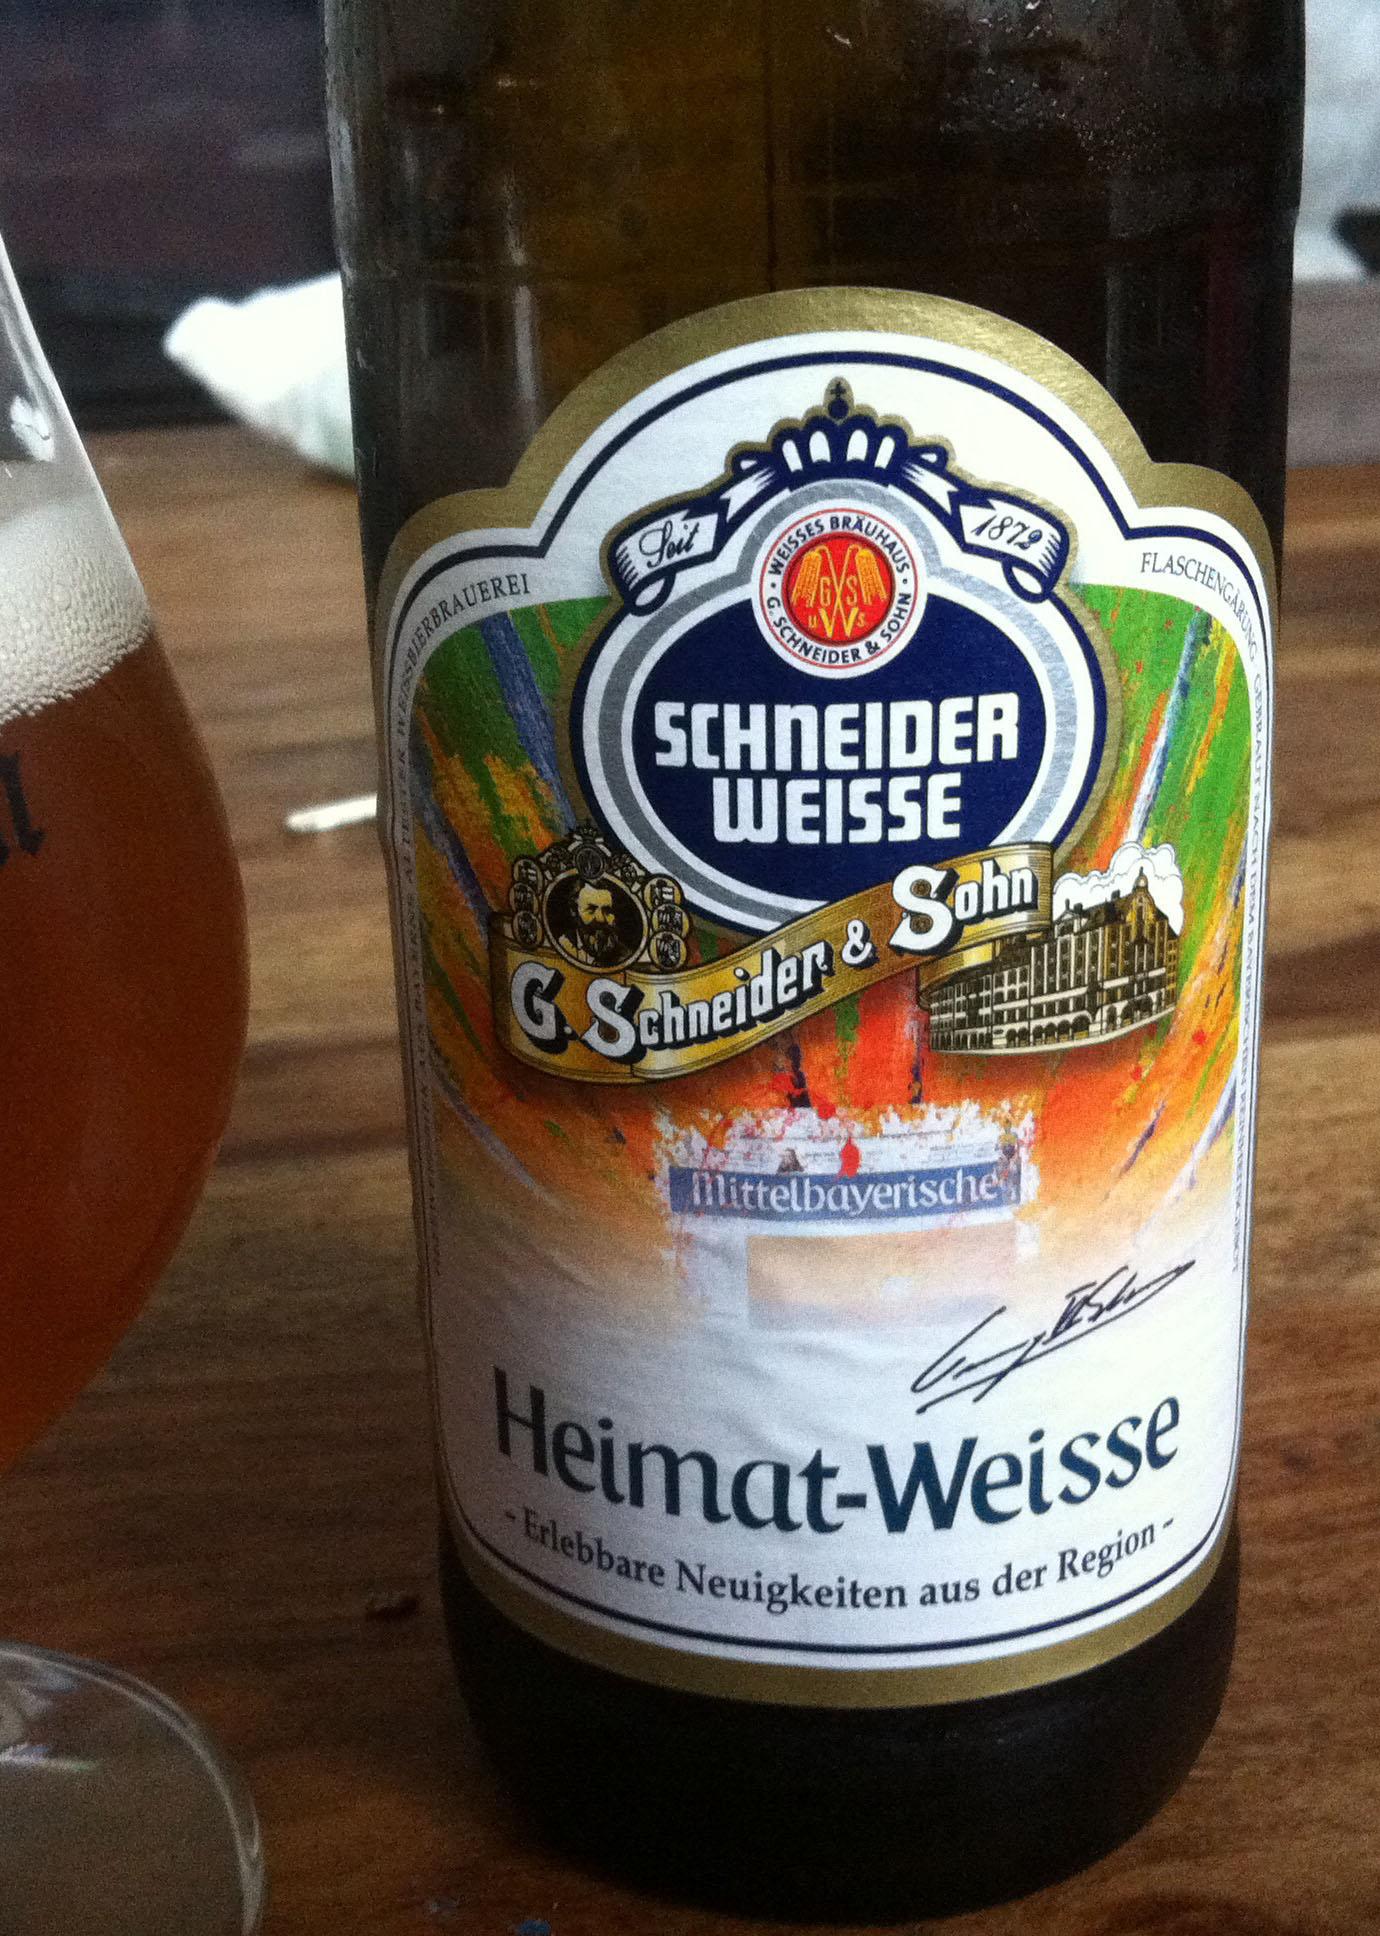 Heimat-Weisse van de Beierse Schneider Weisse brouwerij